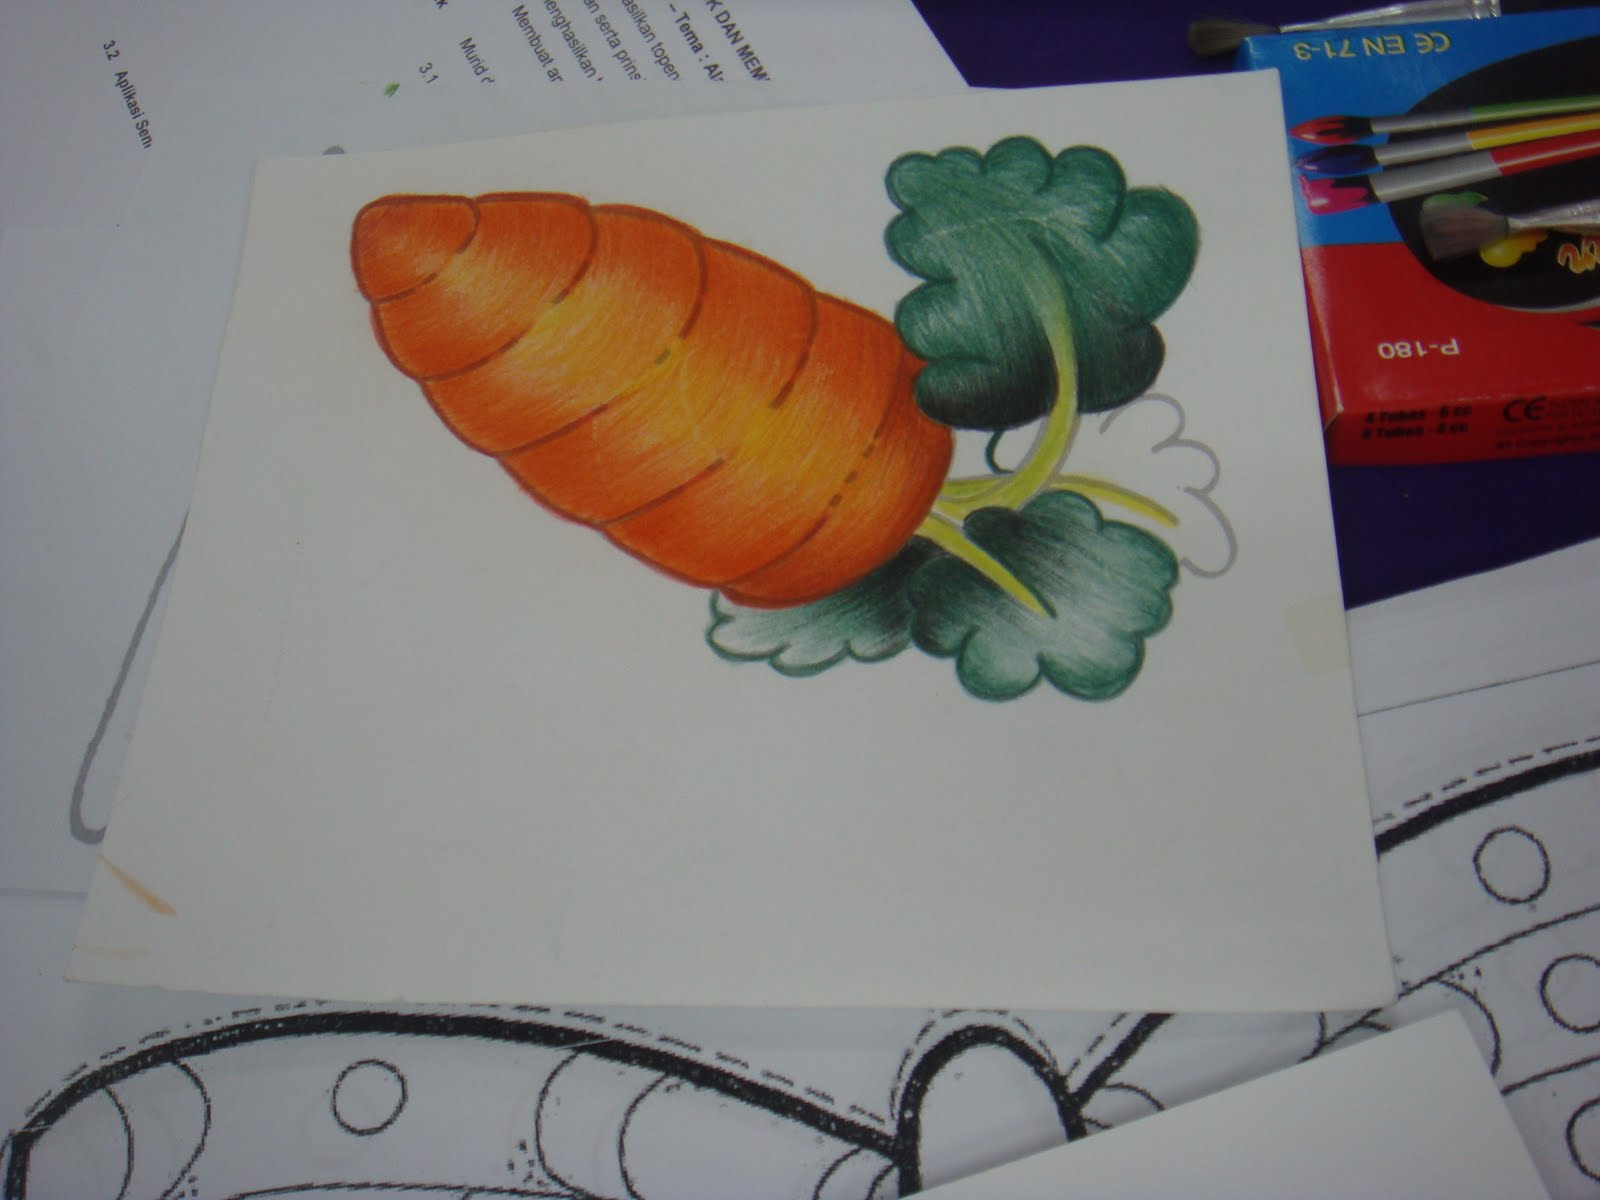 Lukisan pensel warna dan kemudiannya disapu air menjadikan ianya catan